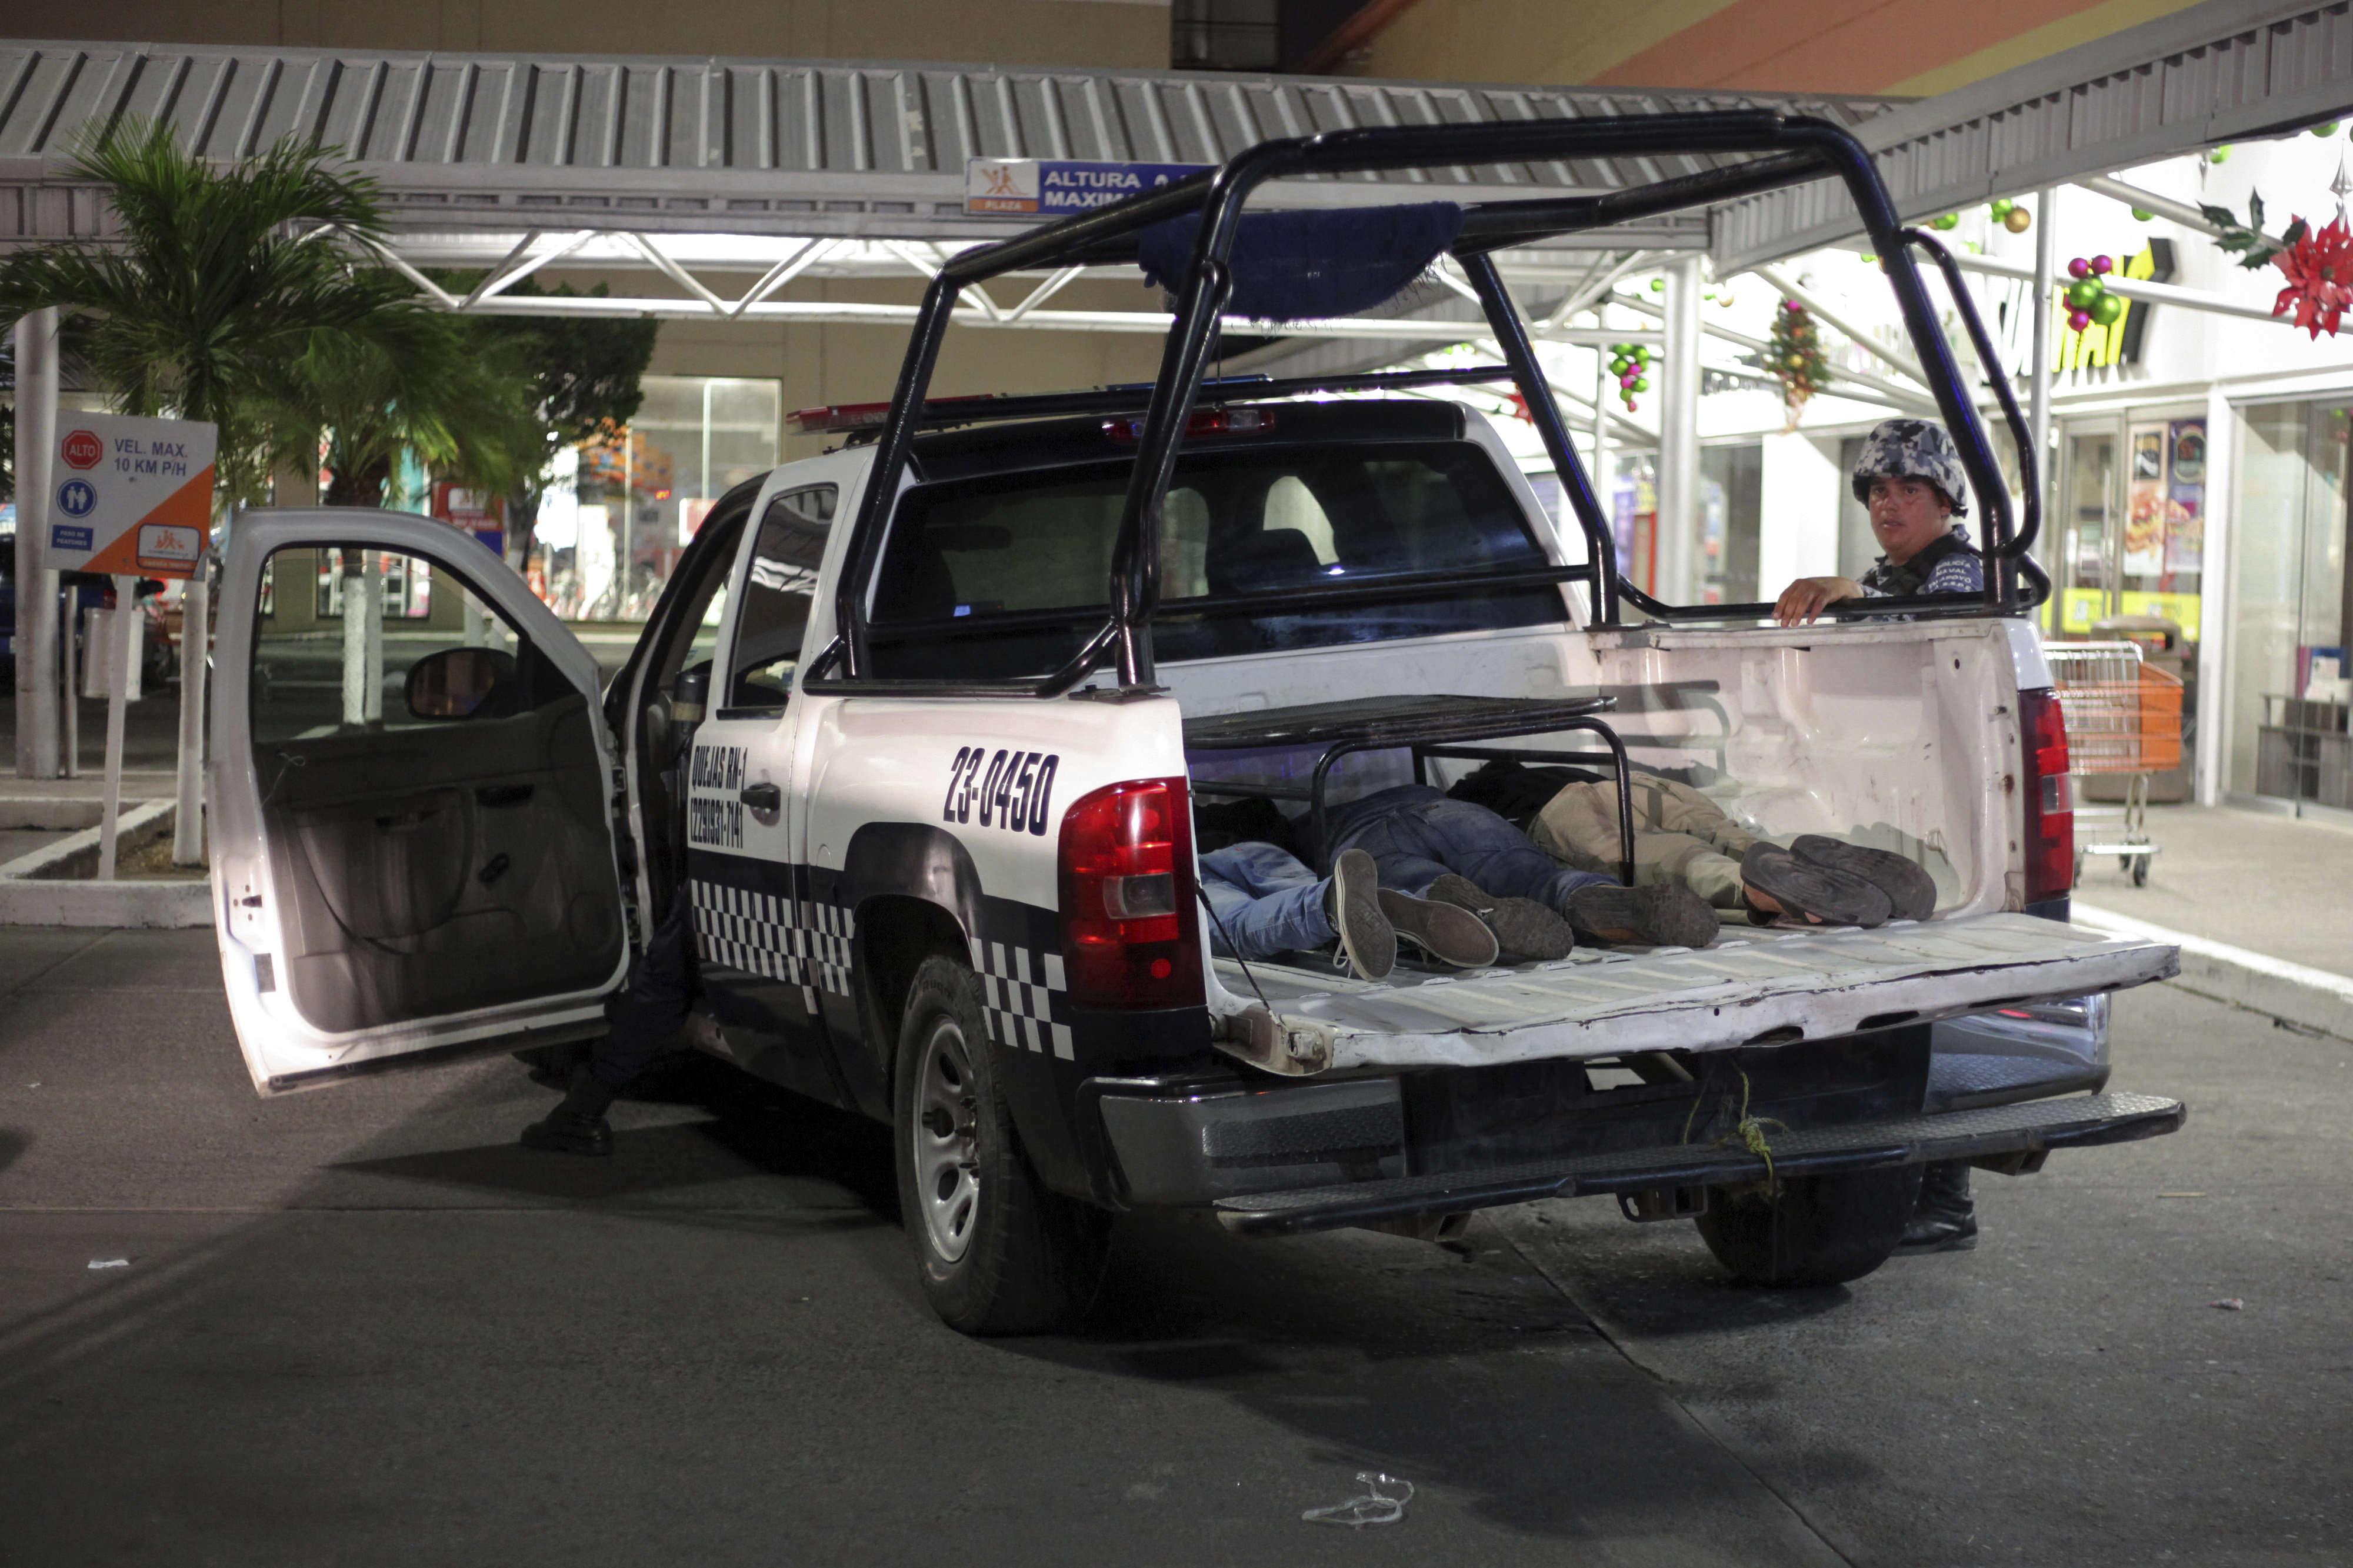 Des suspects sont détenus dans un camion de police de la marine après un pillage dans la ville portuaire de Veracruz, le 4janvier.